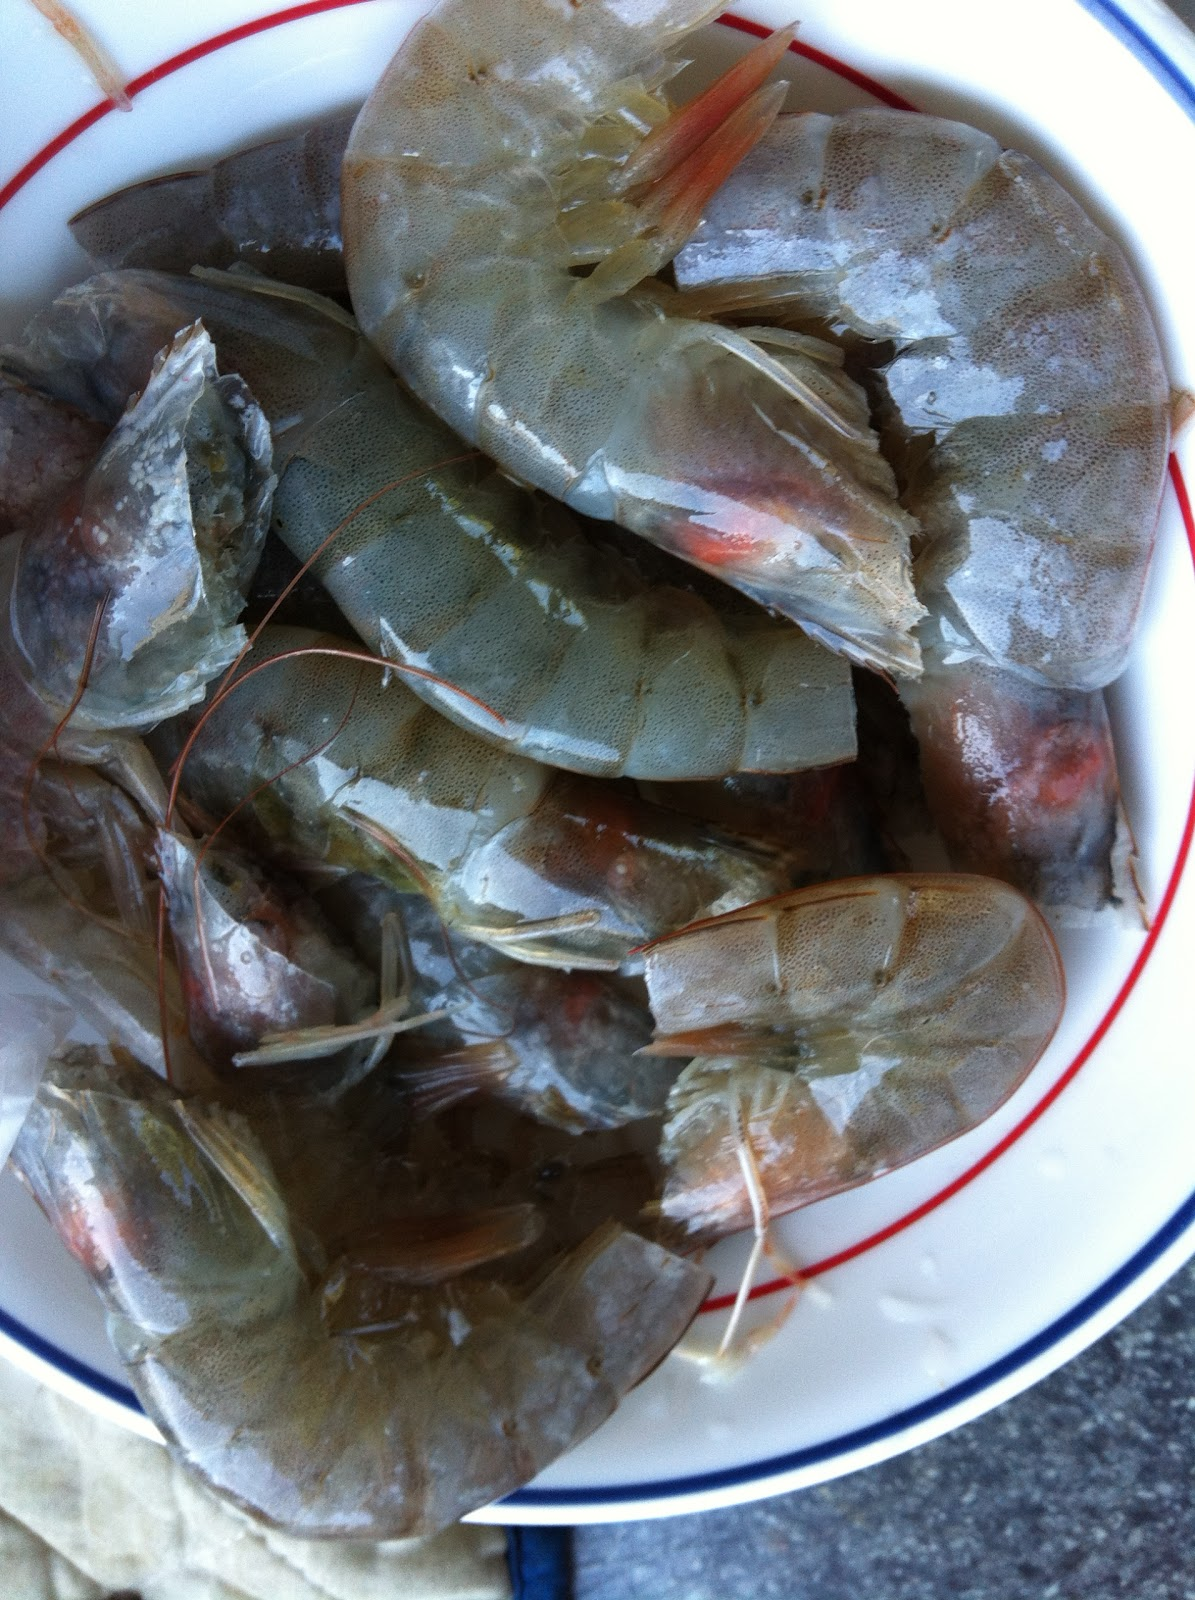 Tom Rim Thit Ba Roi (Caramel Shrimp with Pork Belly) - EDIT